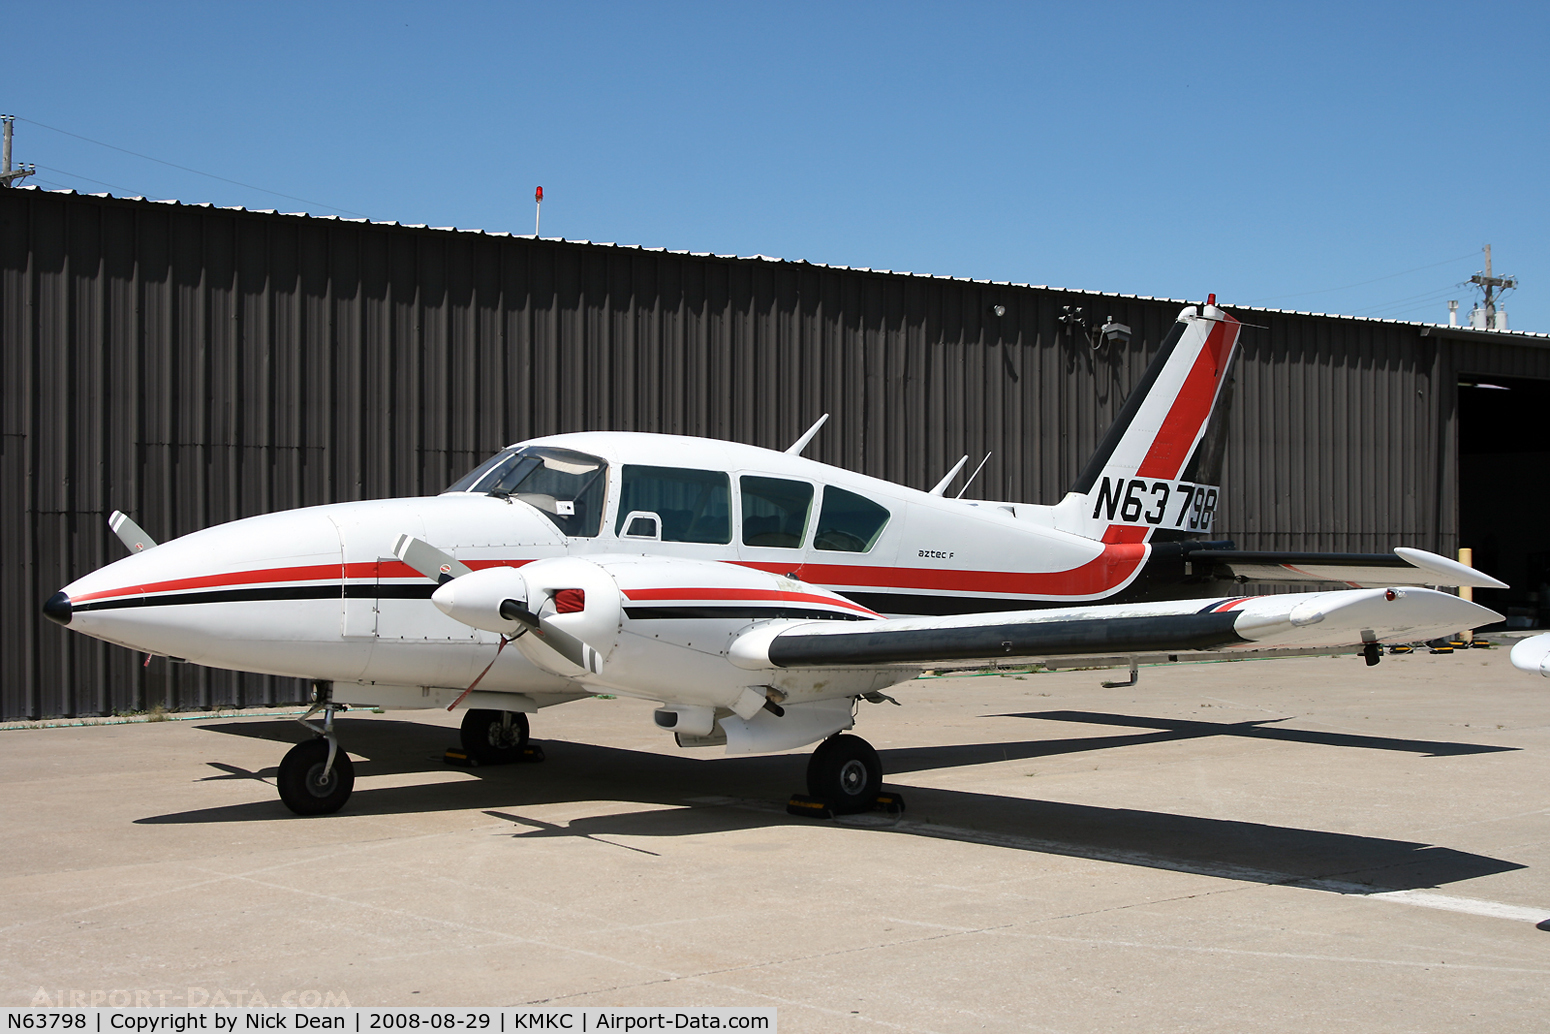 N63798, 1977 Piper PA-23-250 C/N 27-7754124, /